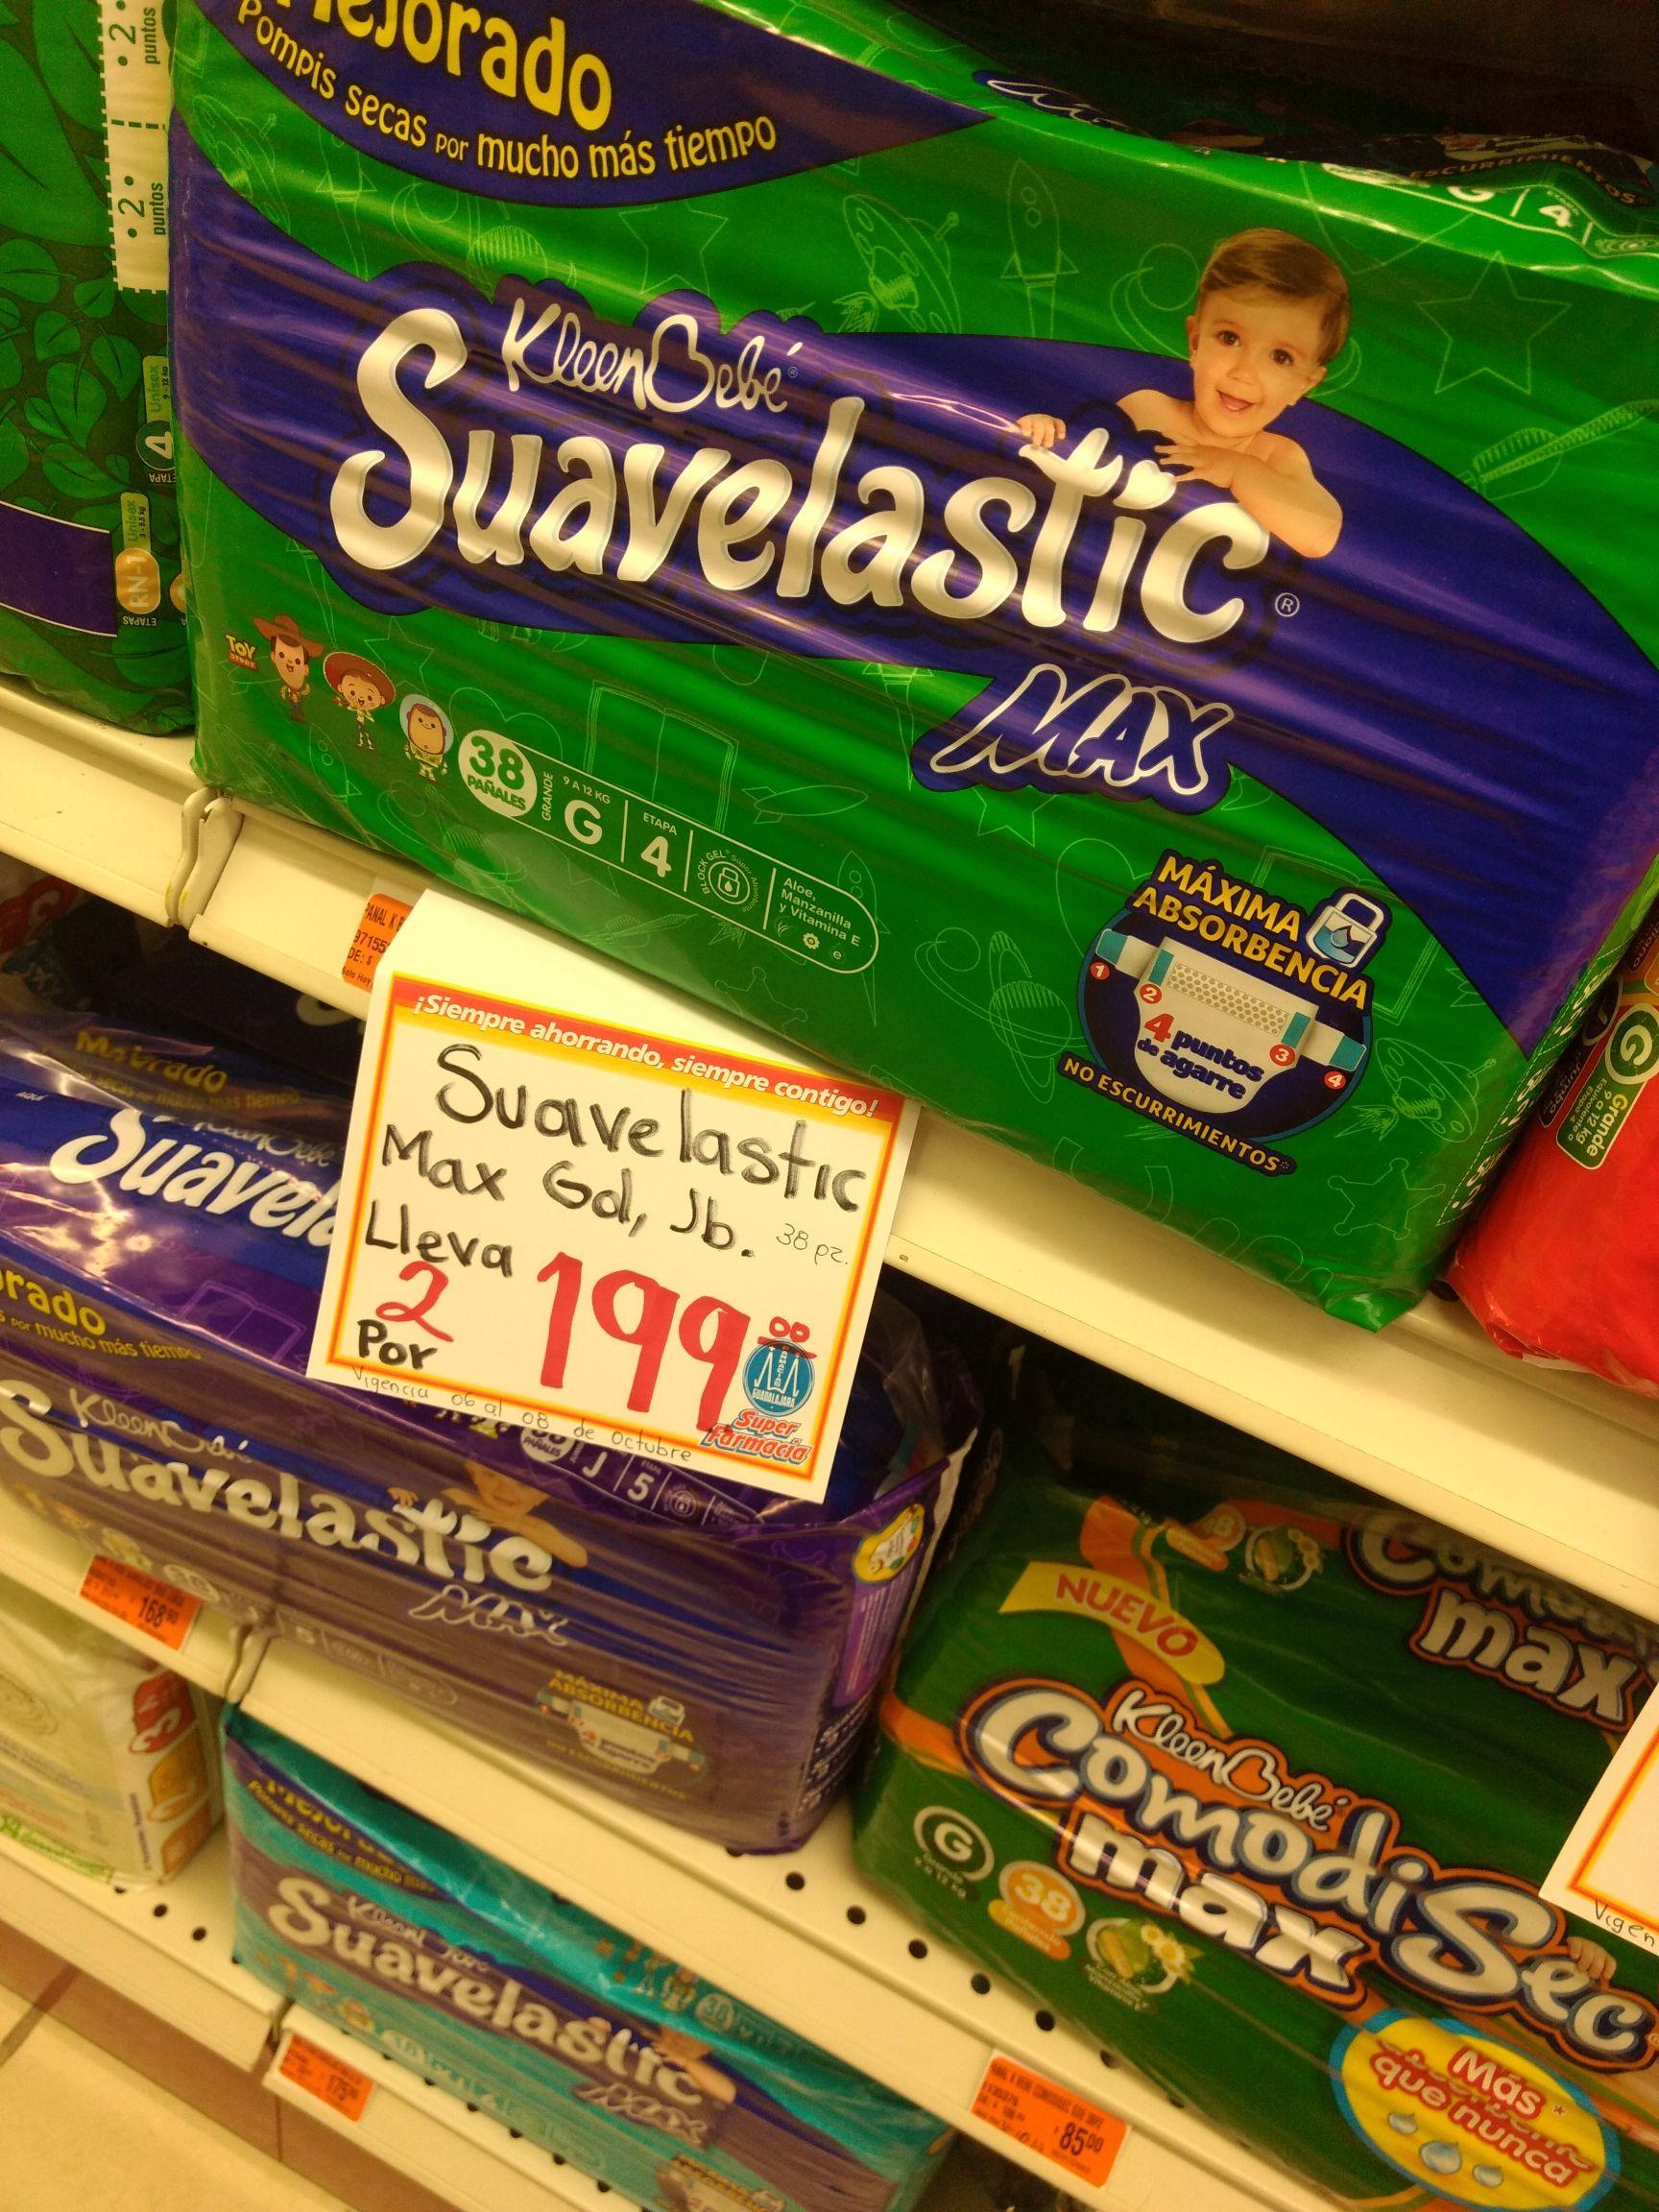 Farmacias Guadalajara: Pañales Suavelastic a 2x$199 y más